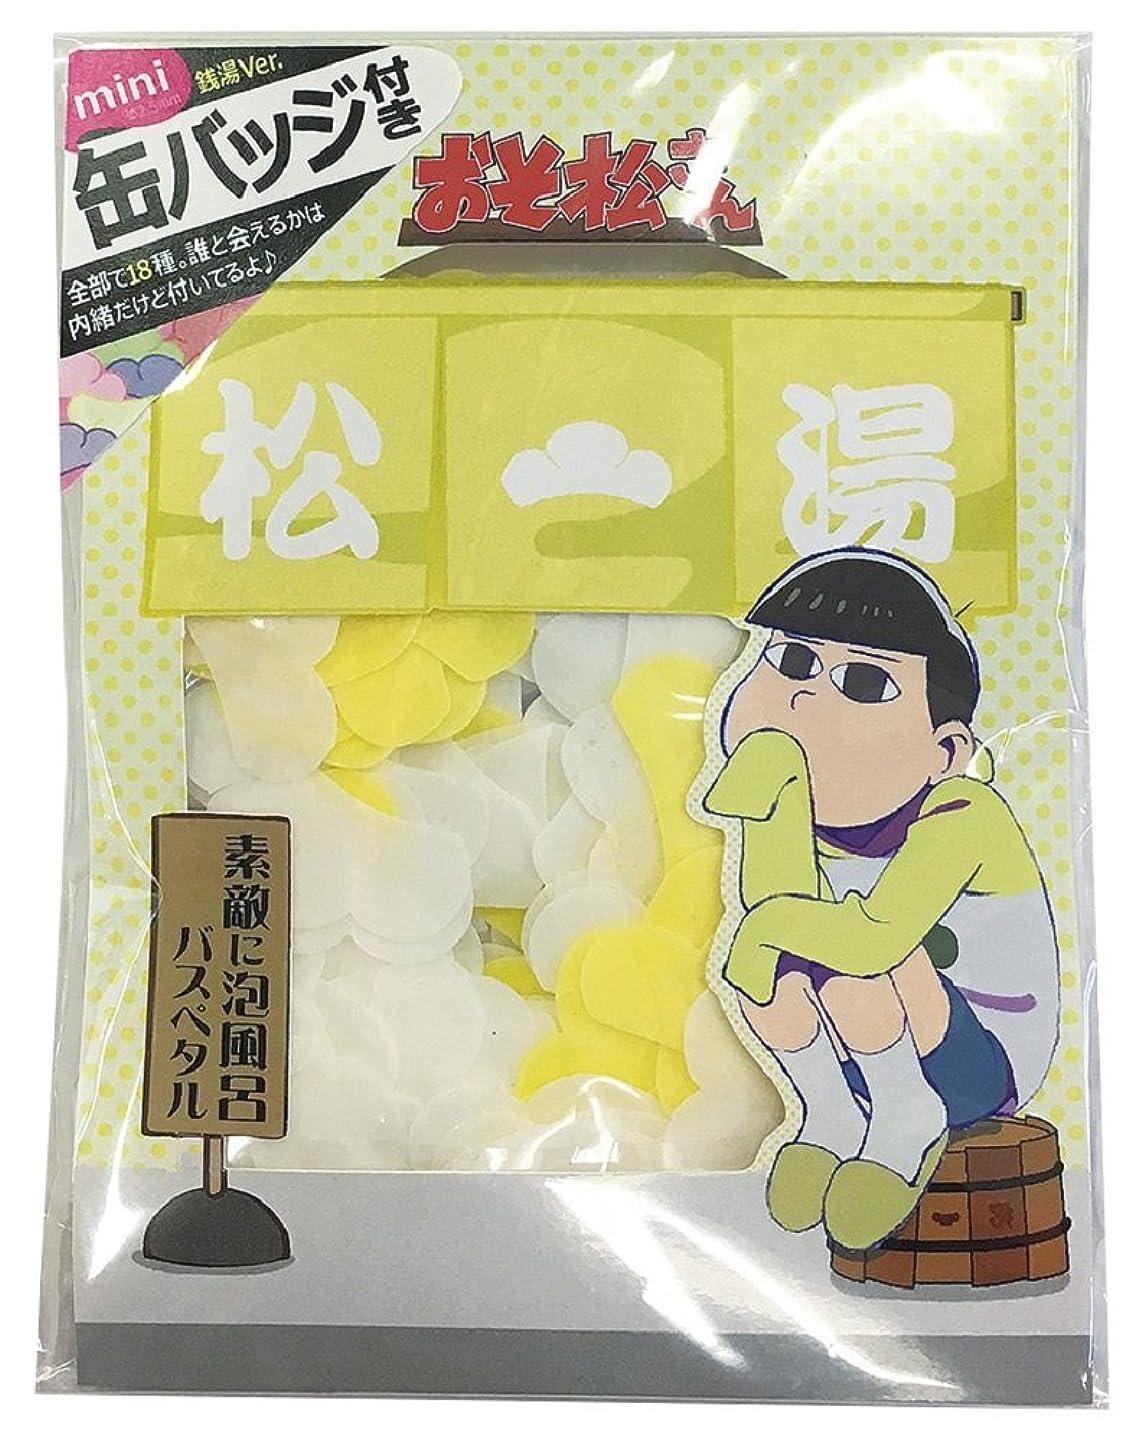 見出しユニークな継続中おそ松さん 入浴剤 バスペタル 十四松 香り付き ミニ缶バッジ付き ABD-001-005